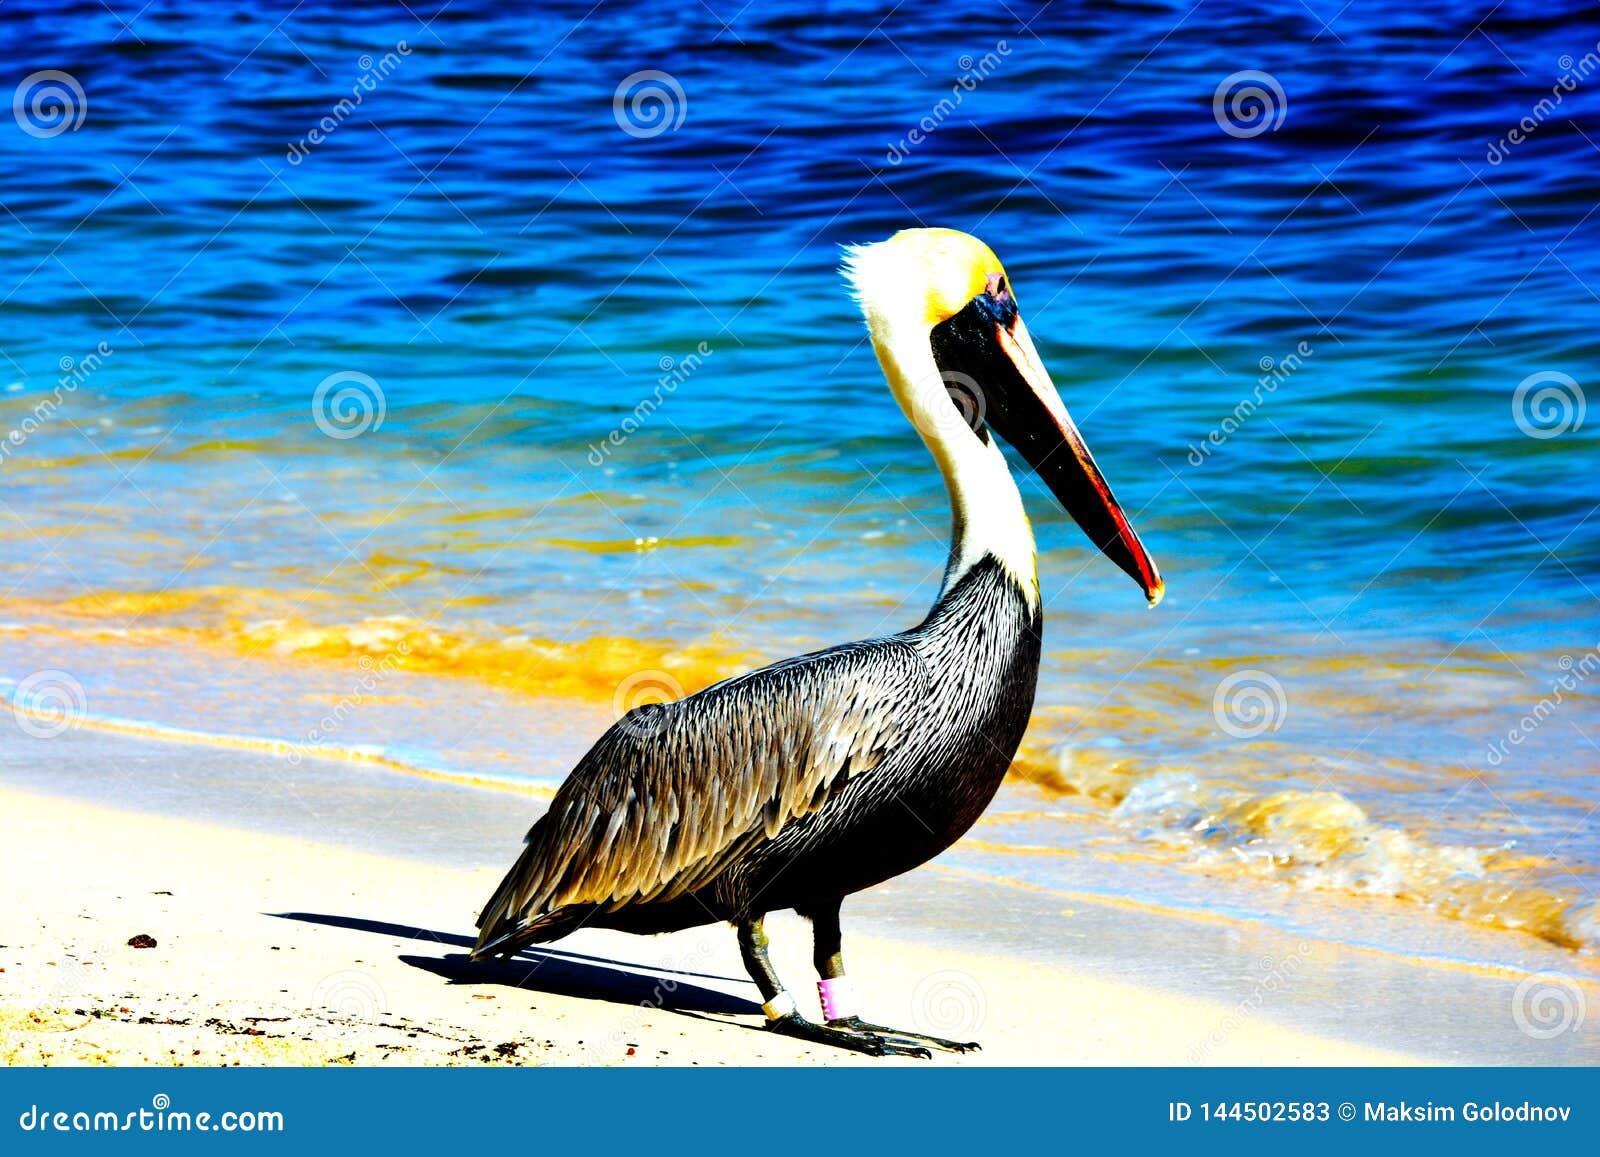 Pelicano na praia com vista para o mar